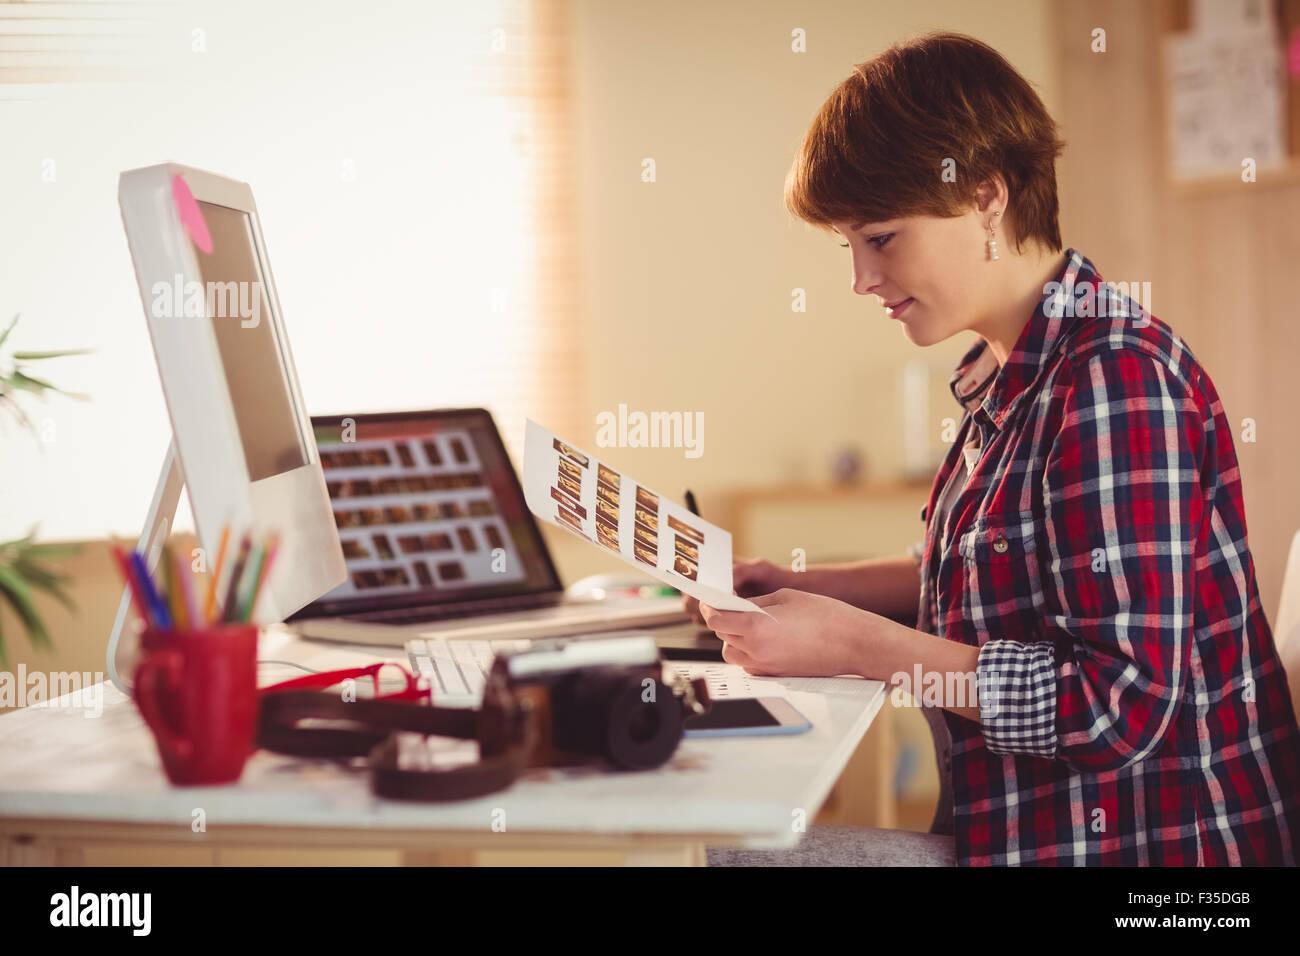 Photographe à la recherche de photos érotiques de Smiling at her desk Photo Stock